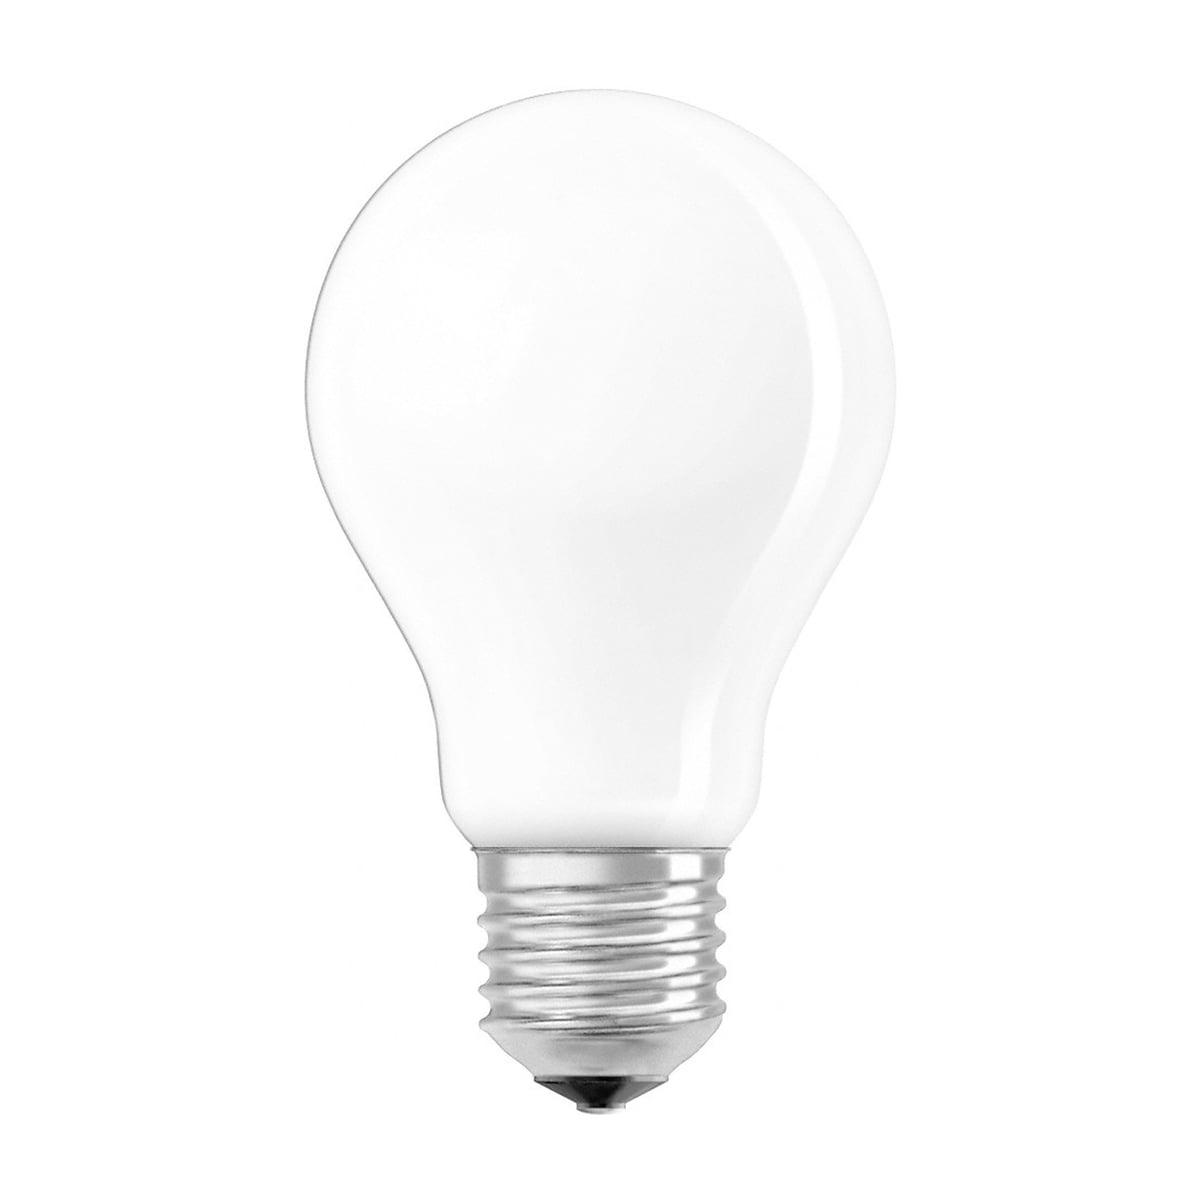 TWILIGHT LED FILAMENT A60 6-50W E27 DIM 5 JAAR GARANTIE MAT